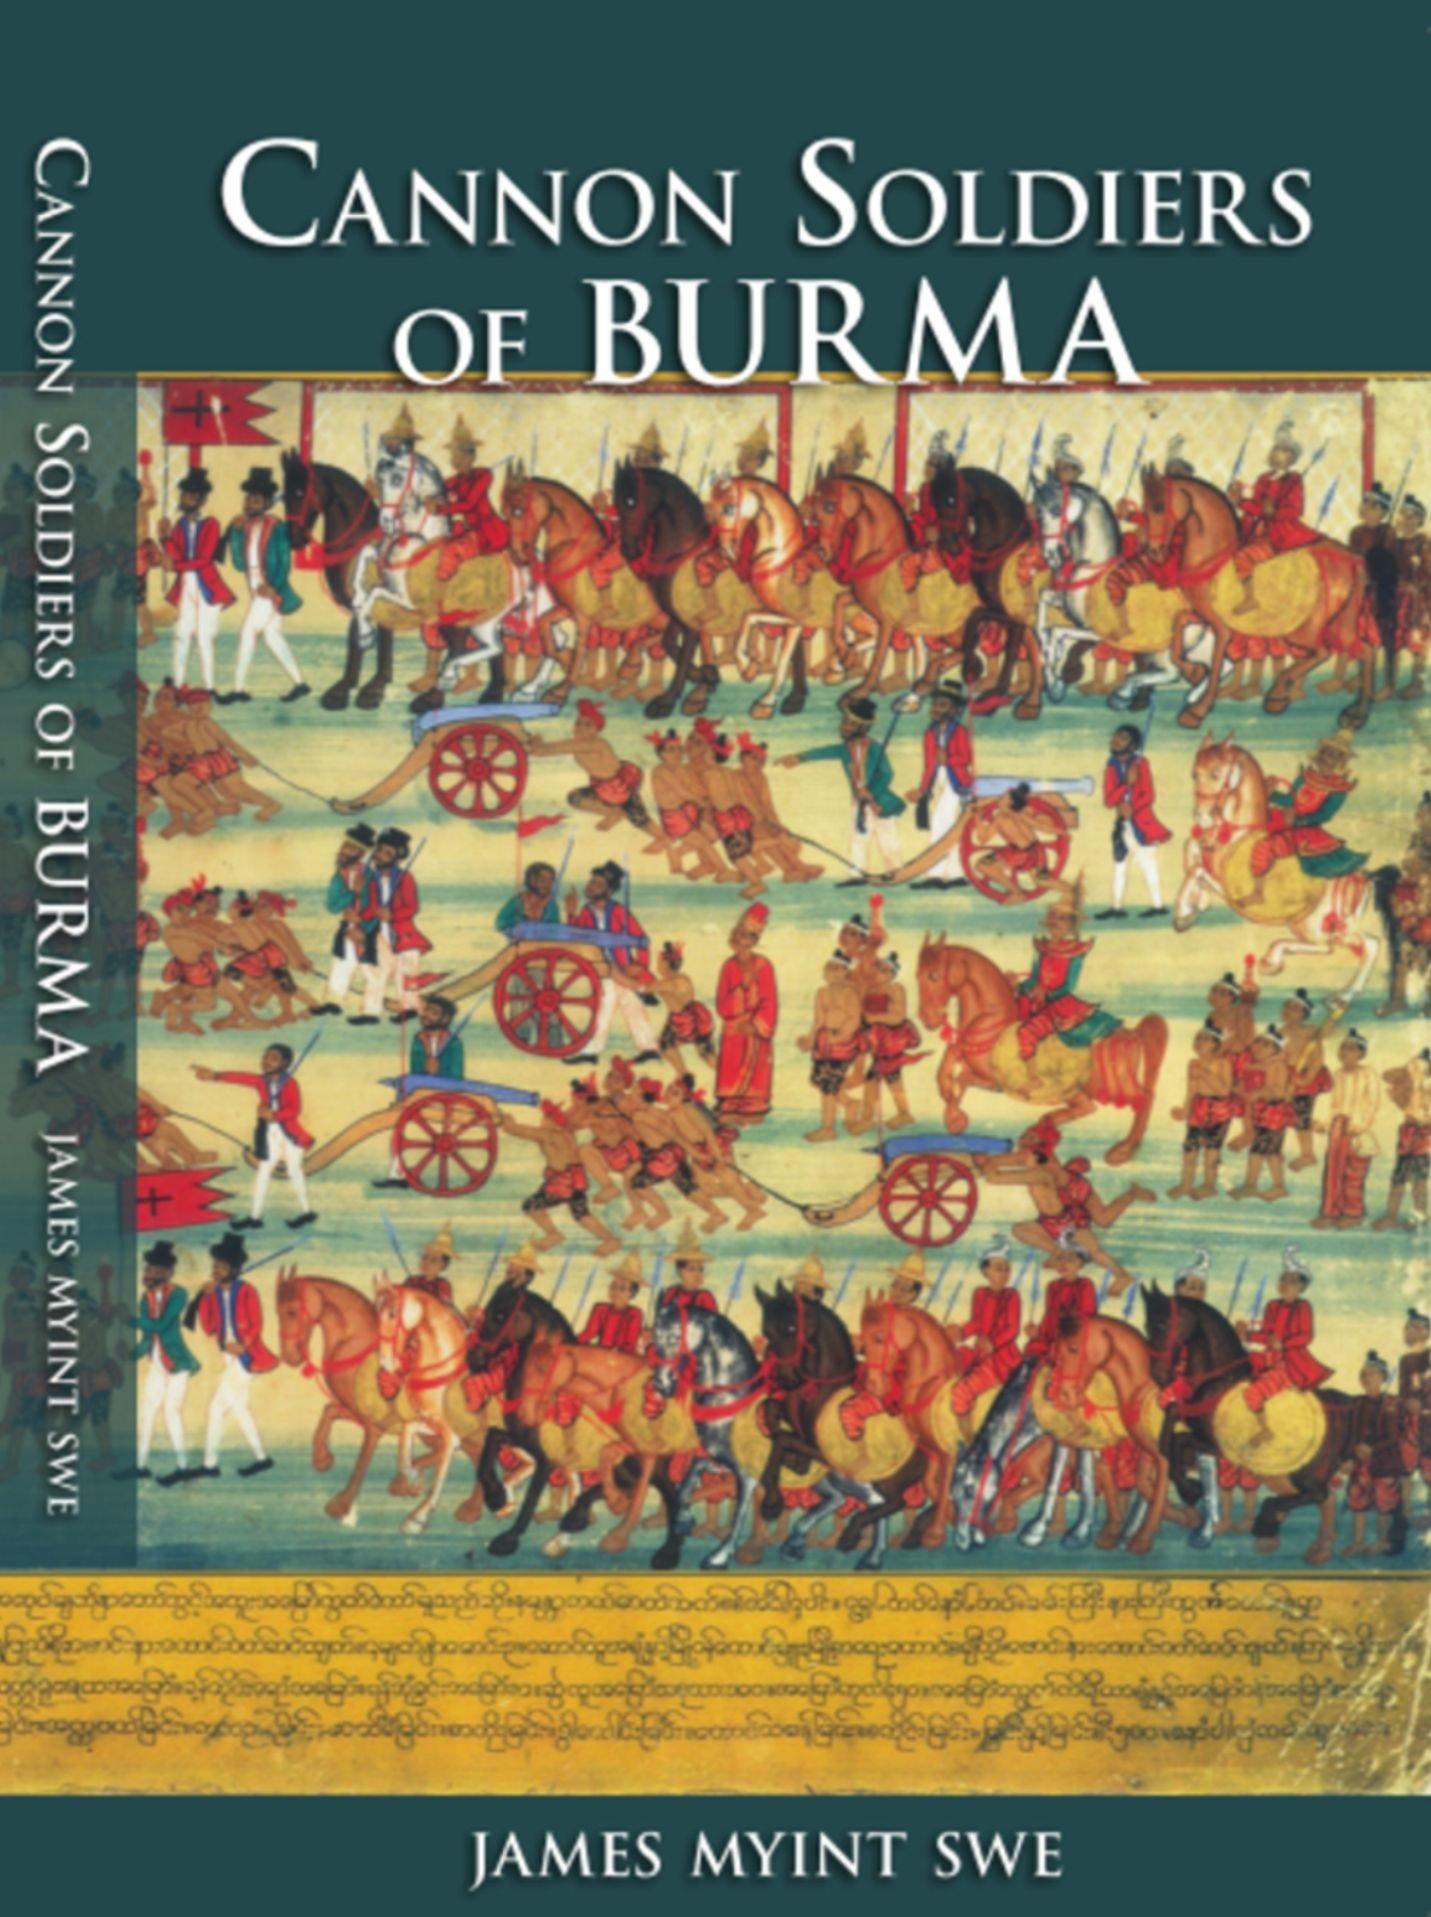 Birmânia: Livro desvenda presença portuguesa mais de 500 anos depois